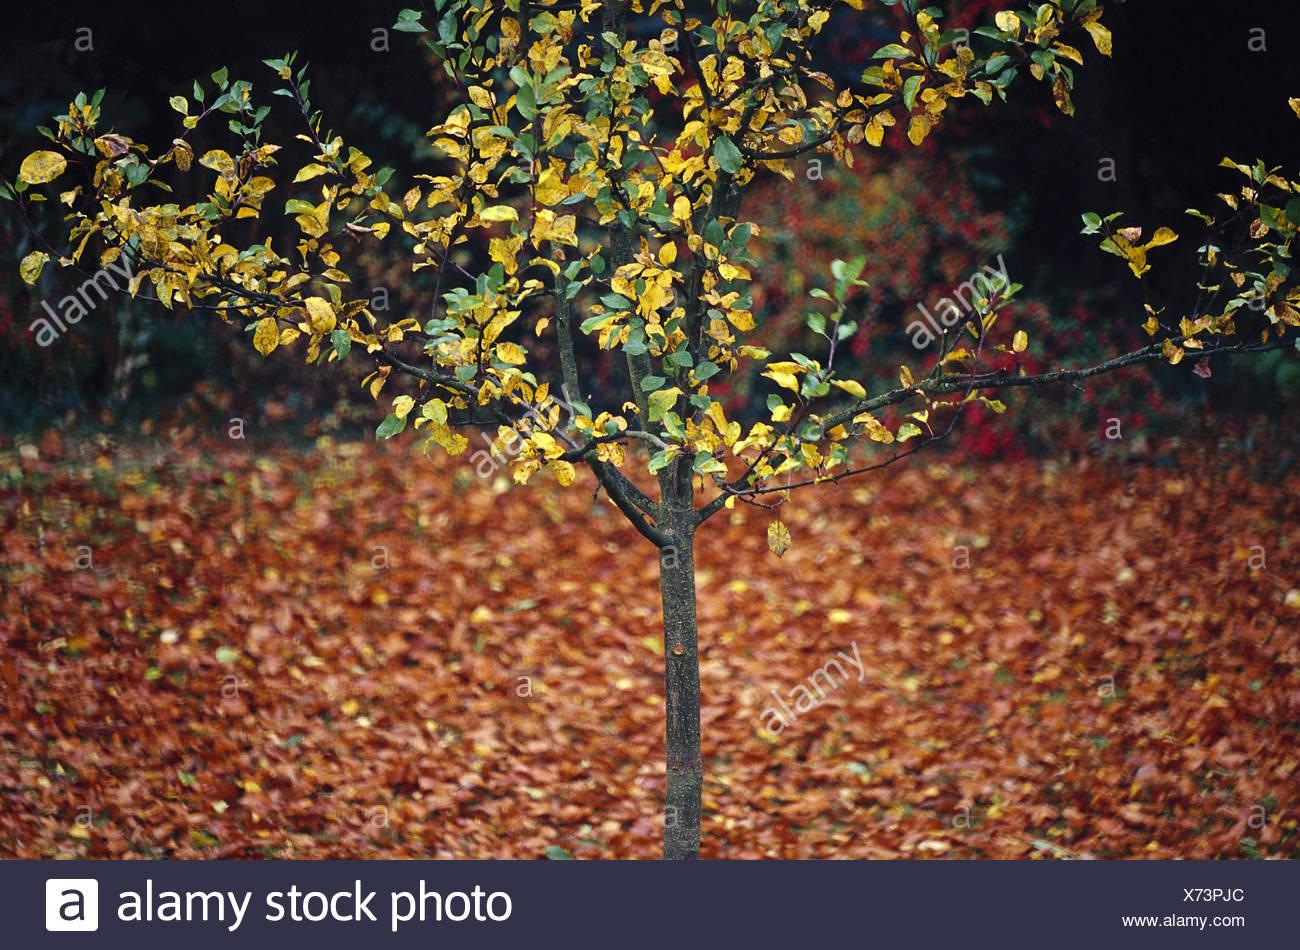 Nett Mein Stammbaum Färbung Seite Fotos - Entry Level Resume ...